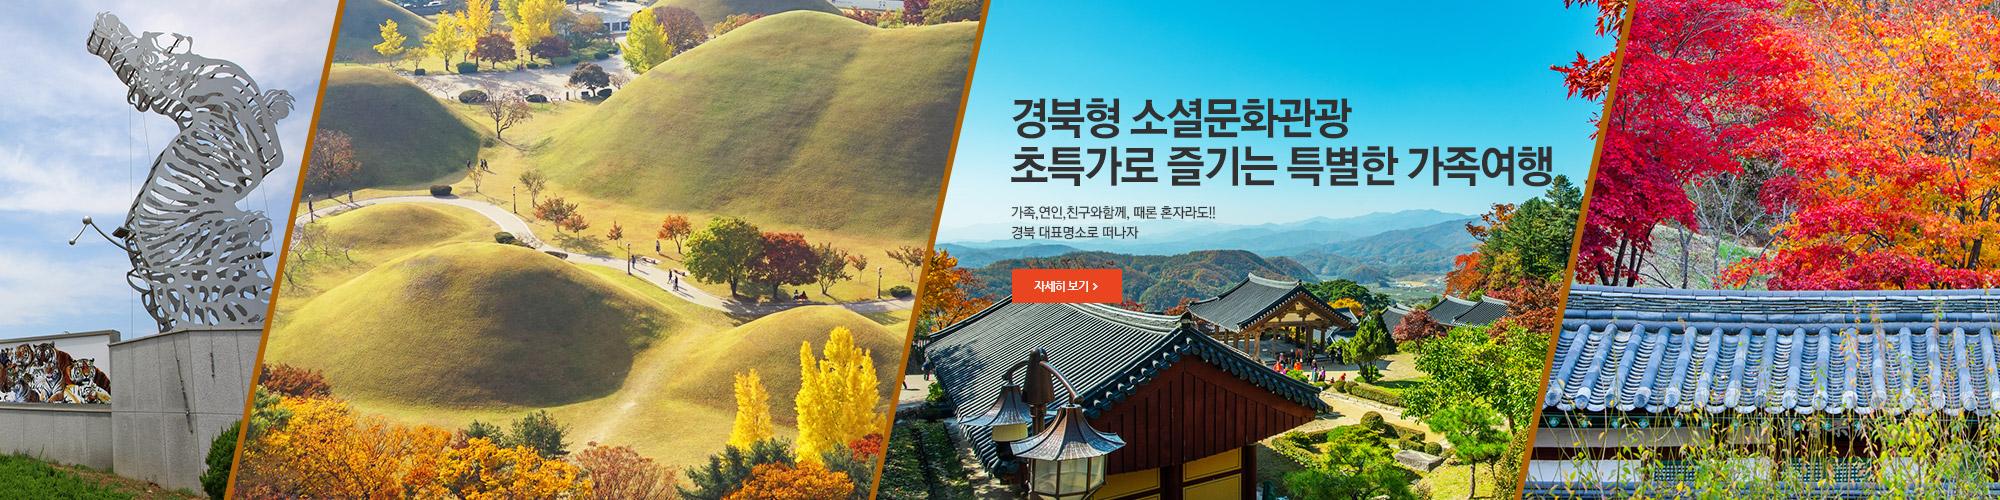 경북형 소셜문화관광